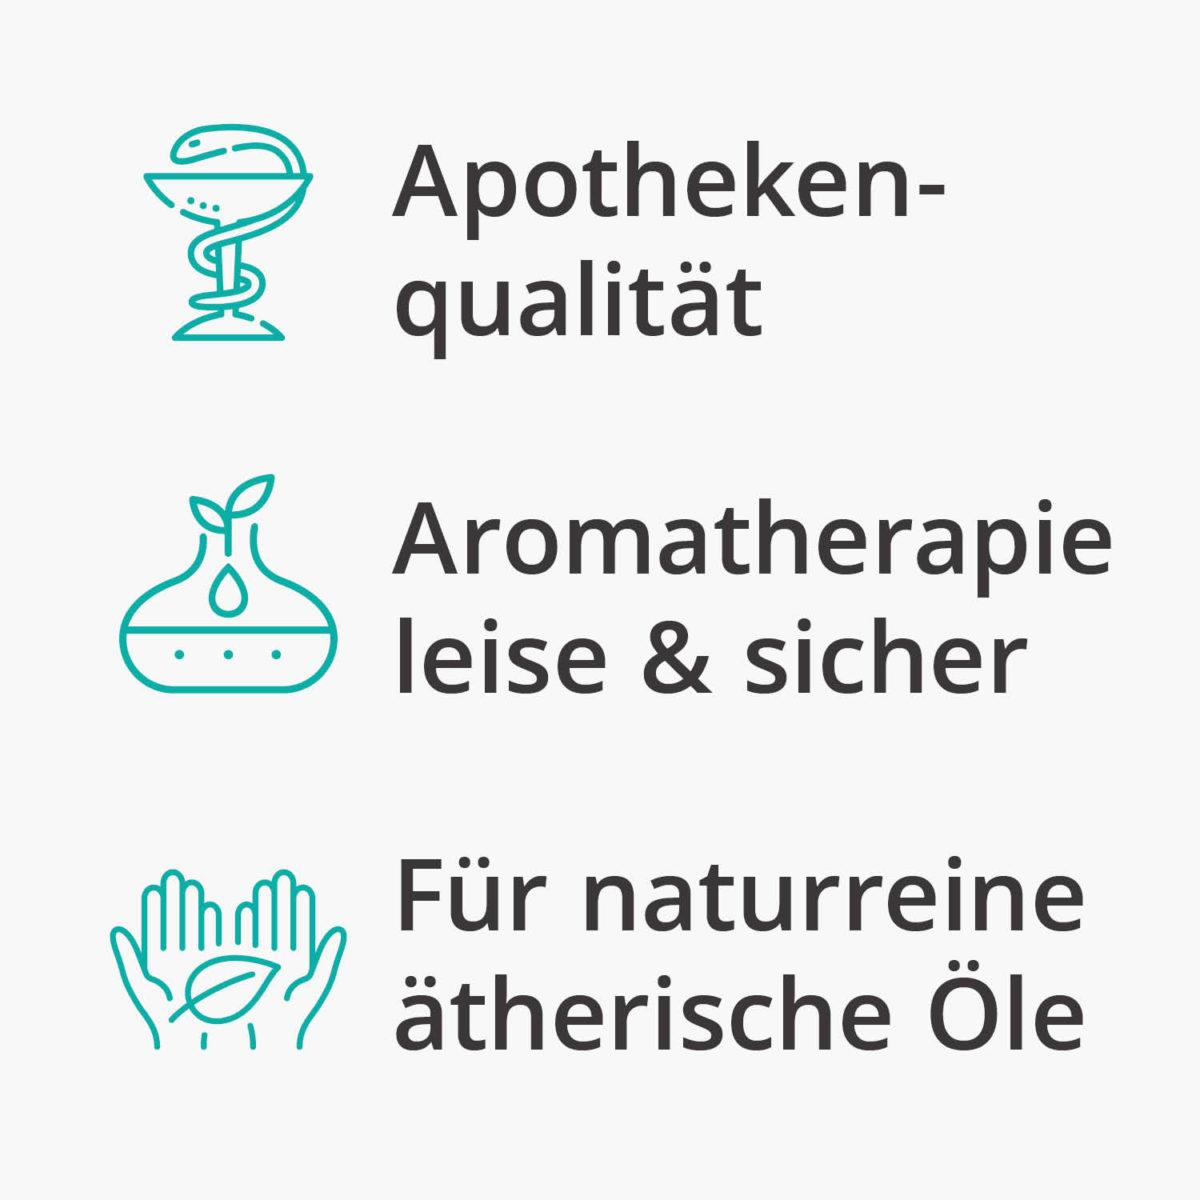 Casida Aroma Diffuser kompakt weiß Apotheke PZN 16351150 Aromatherapie Ätherische Öle vernebeln Lufterfrischer mobil